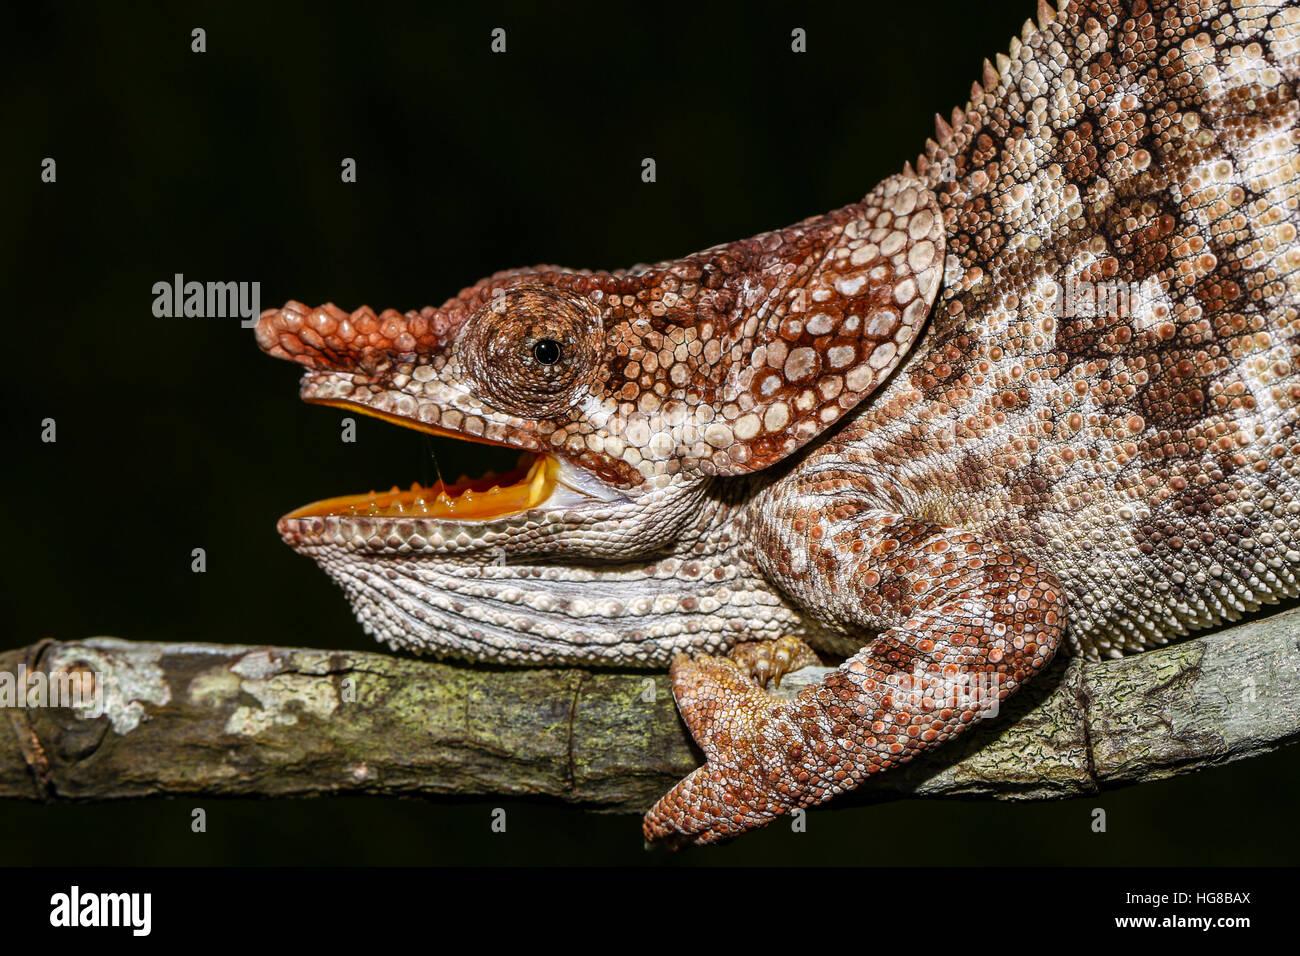 Male open-mouthed short-horned chameleon (Calumma brevicorne), Ampasimpotsy, Manakara, Madagascar - Stock Image